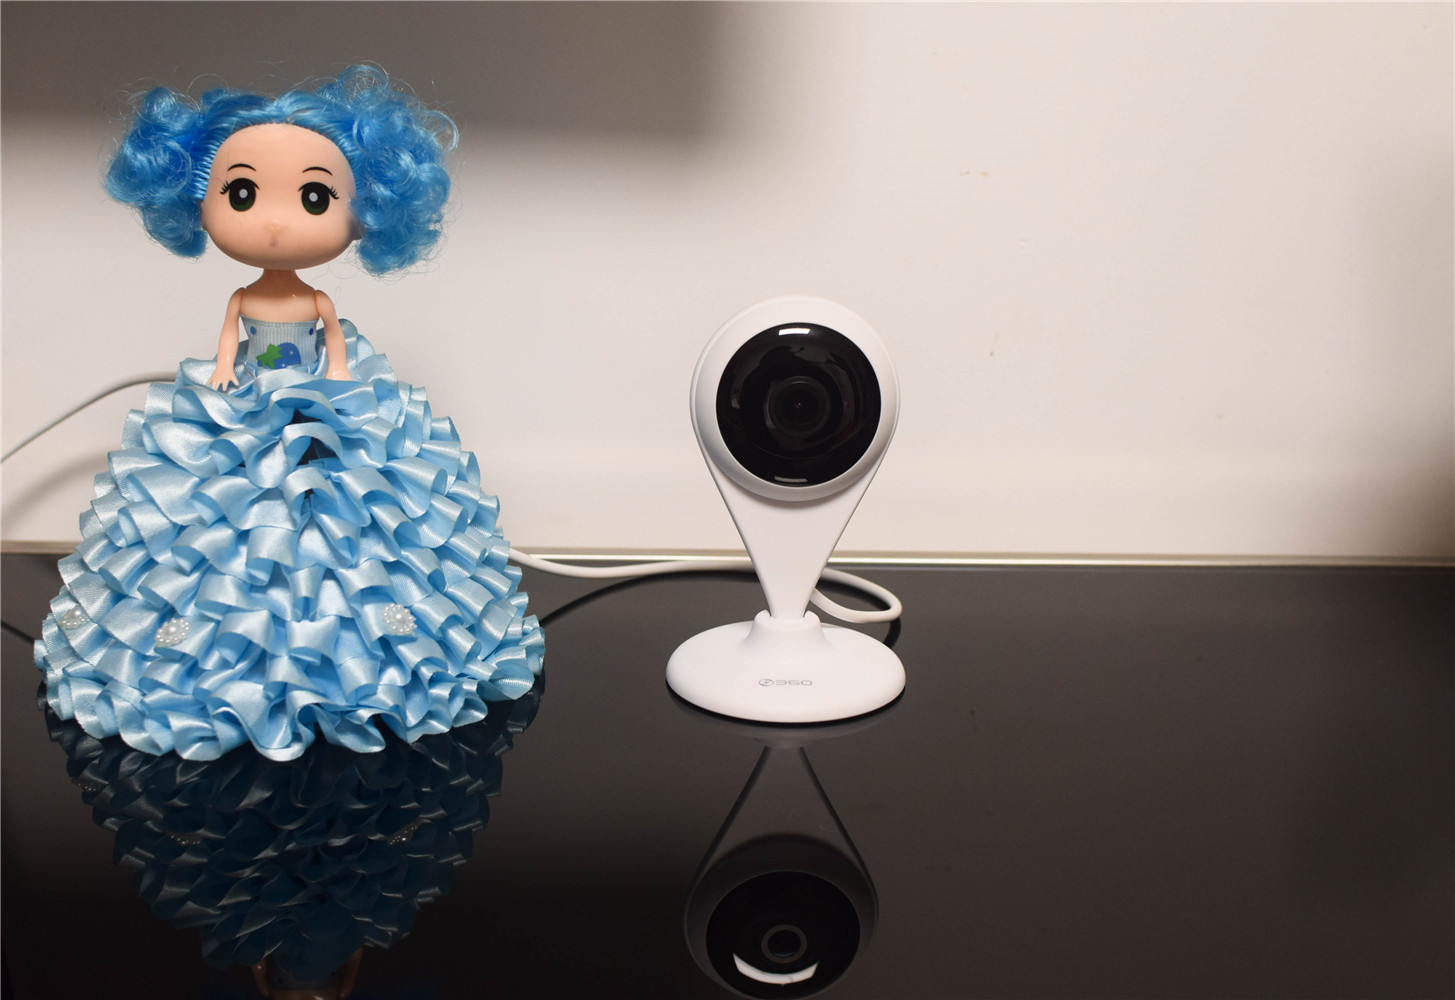 360这个品牌,可以说是家喻户晓的一个品牌,最熟悉的莫过于电脑上的360助手、360安全管家等软件产品,其实在这些软件产品以外还有很多优秀的硬件产品,包括路由器、智能门铃产品、扫地机器人、儿童智能手表等产品.